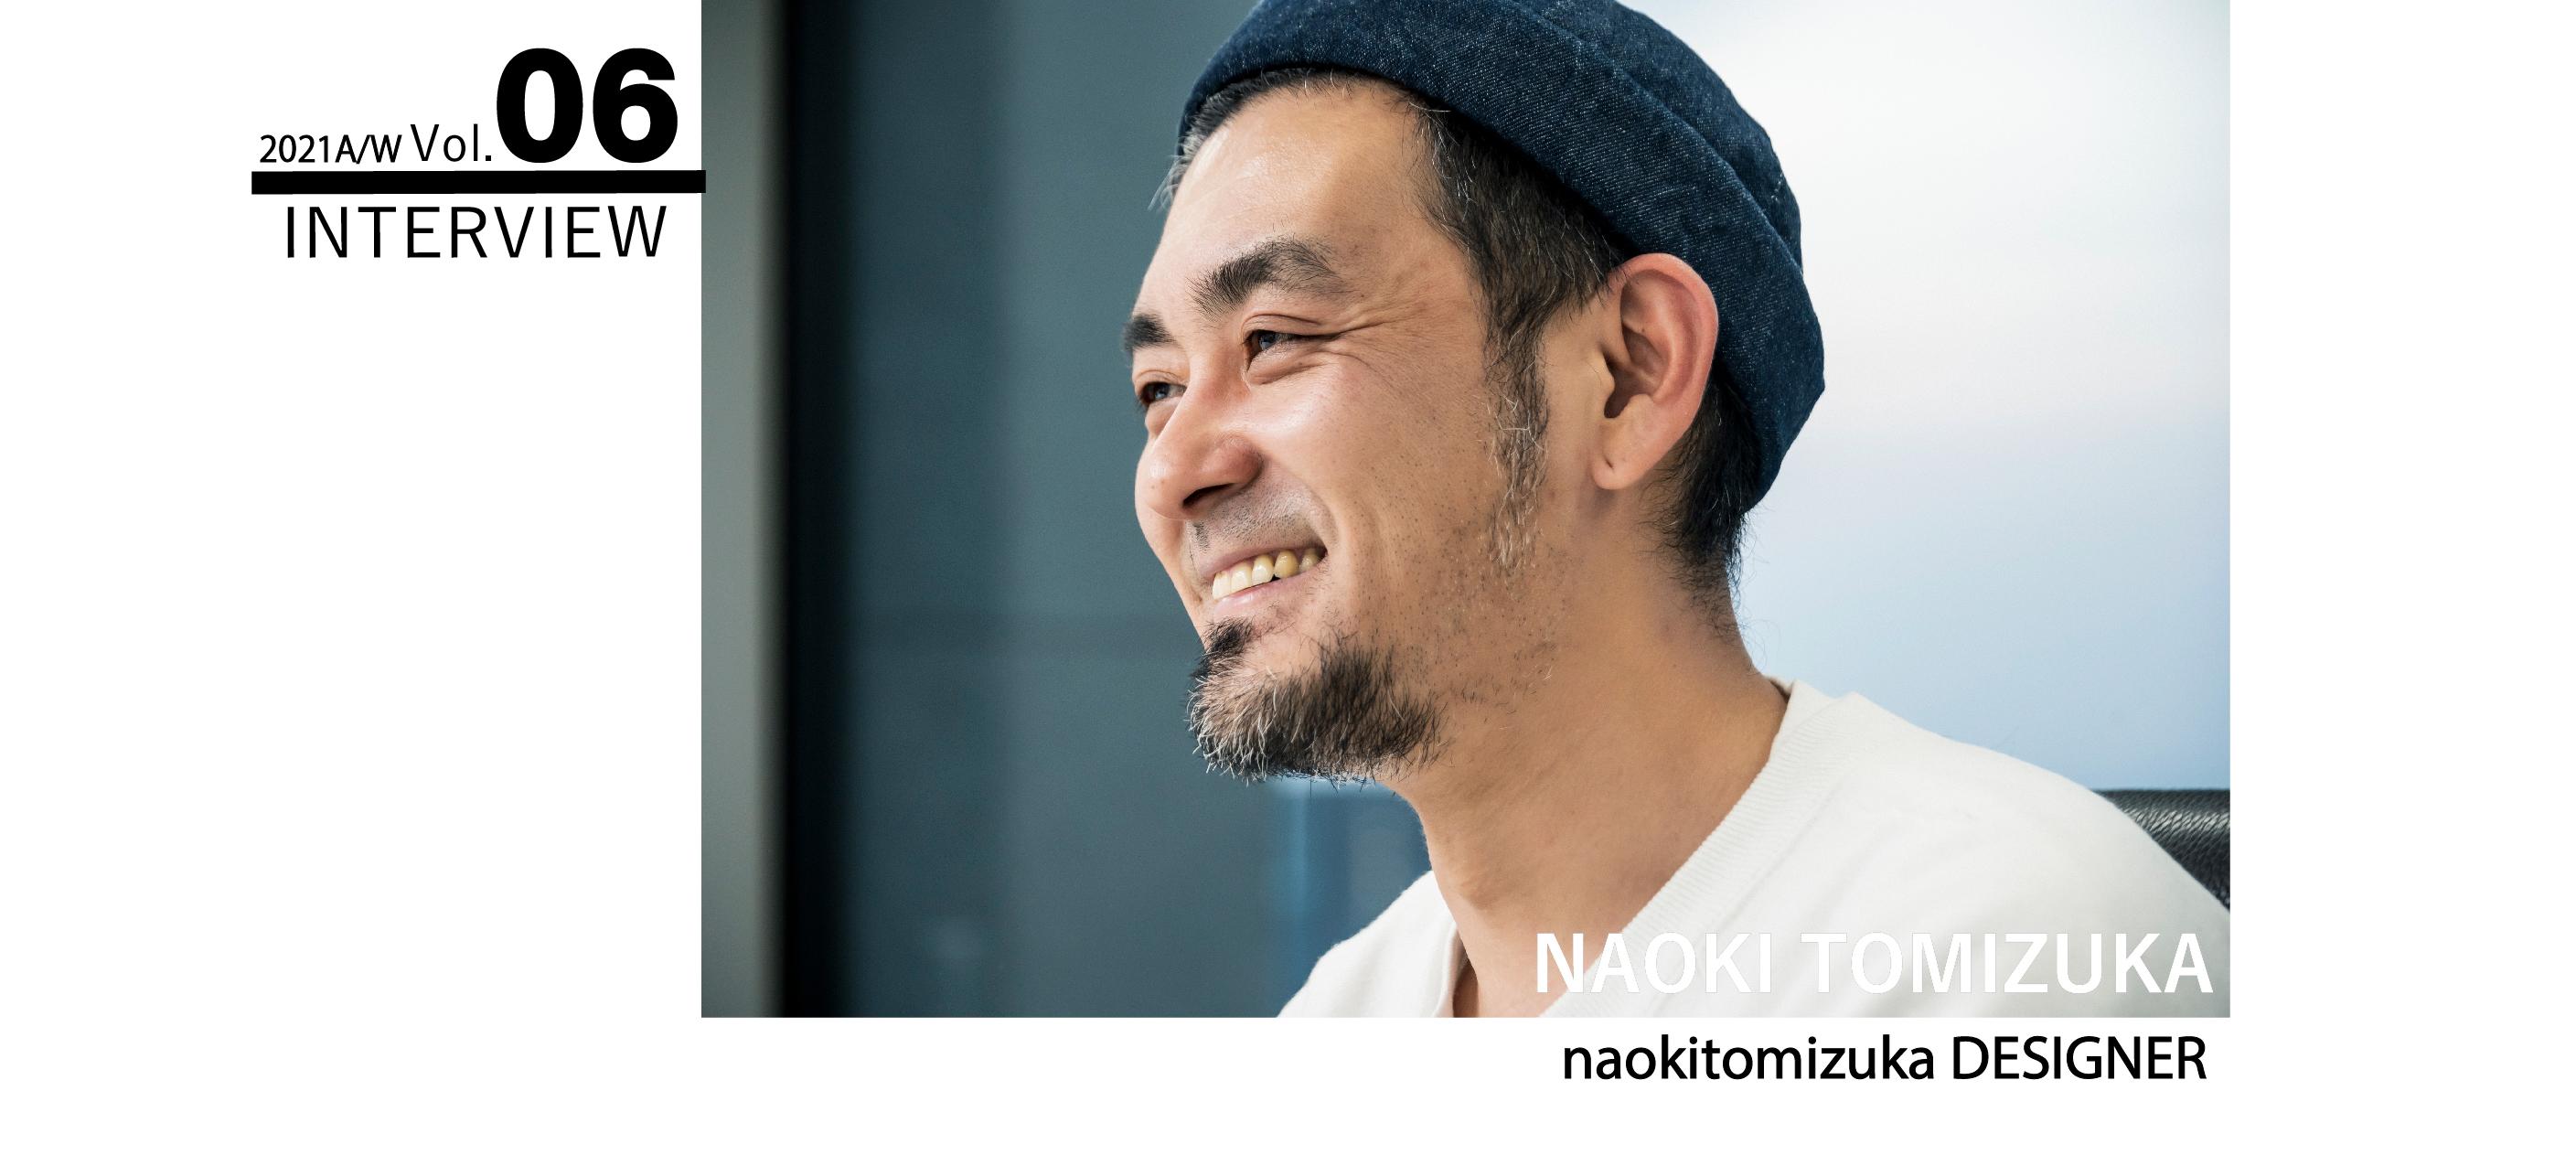 富塚 尚樹 Naoki Tomizuka